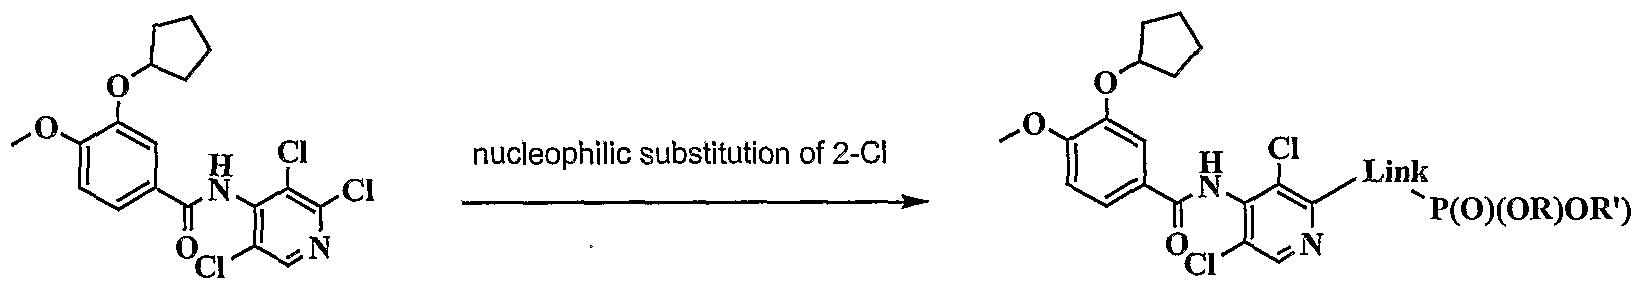 Figure imgf000333_0002